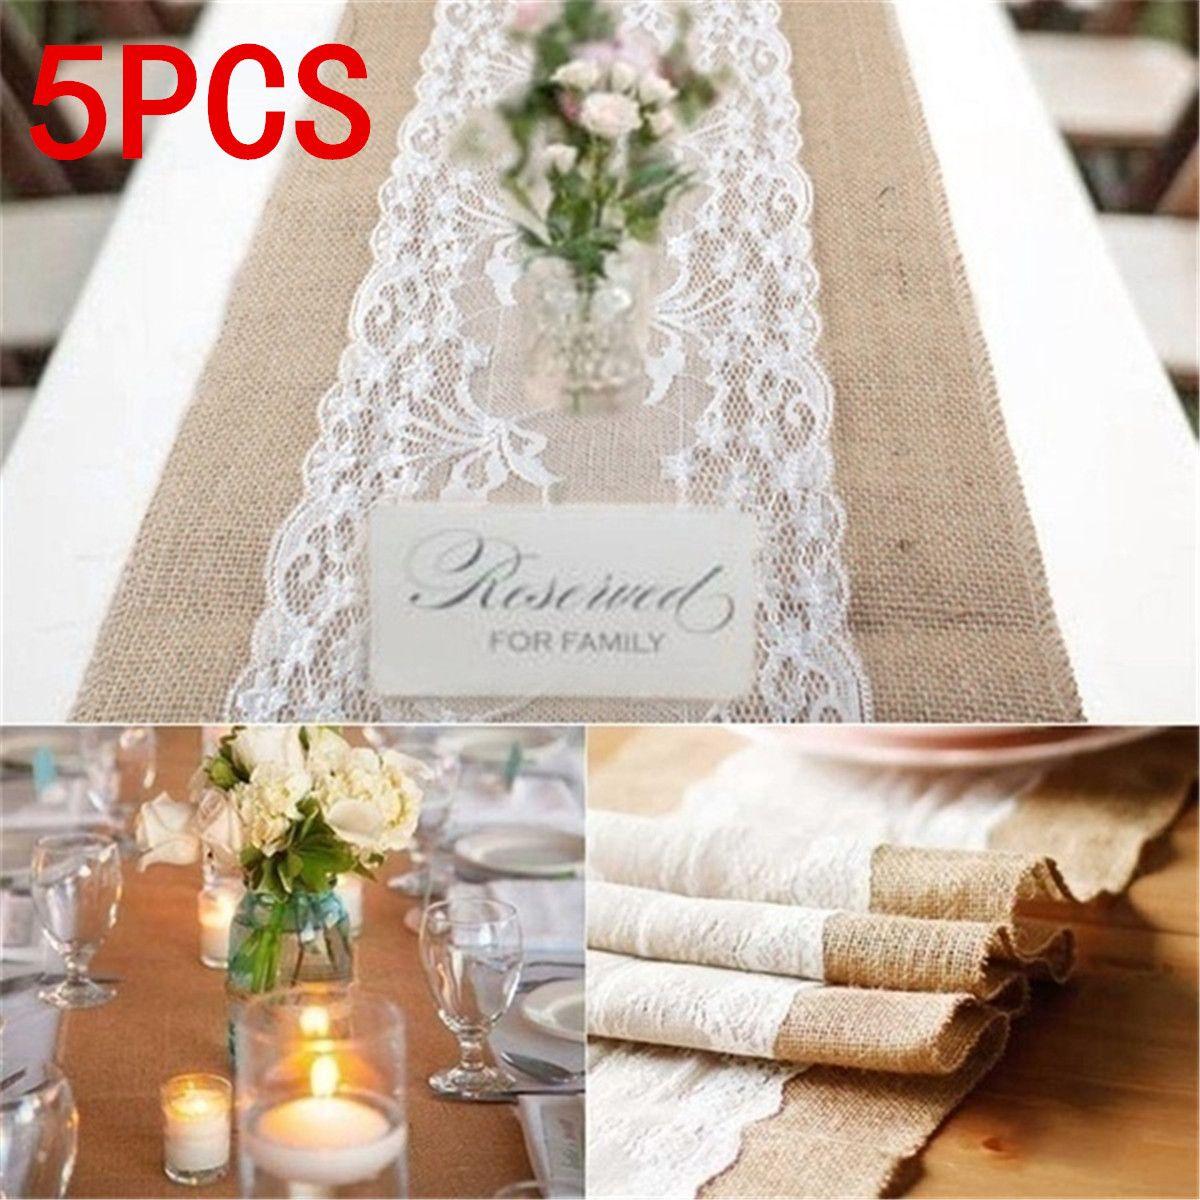 5 pièces 30 cm x 275 cm broderie dentelle garniture Banquet évider chemin de Table rustique toile de jute dentelle de jute coureurs bricolage décor de mariage